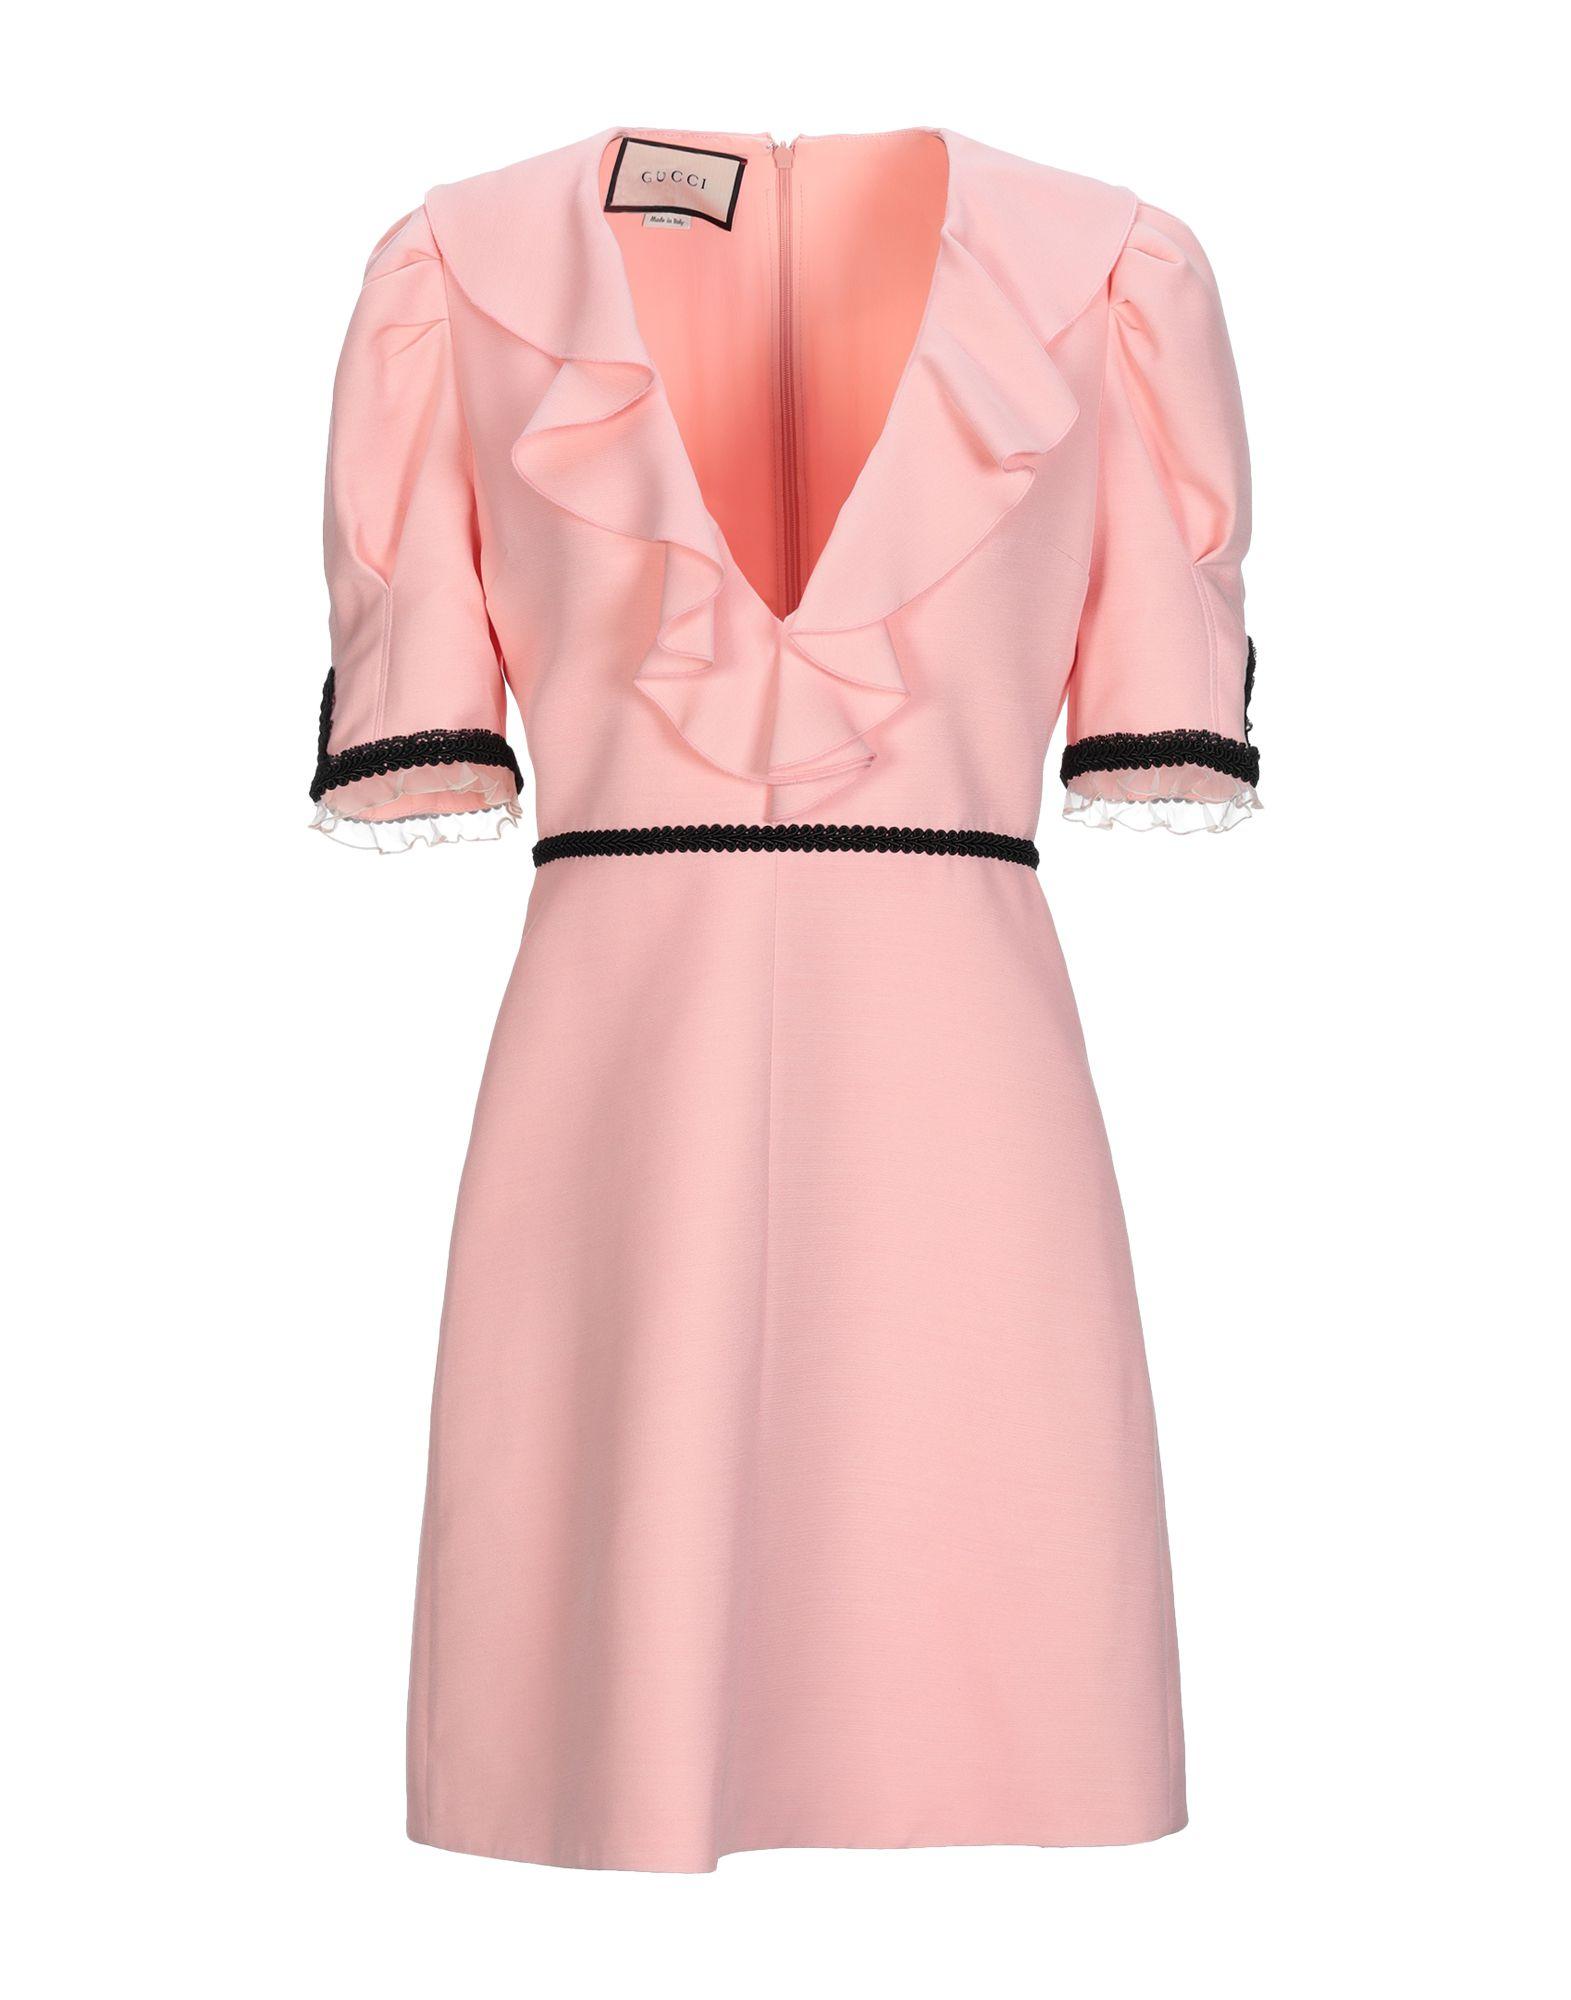 GUCCI Damen Kurzes Kleid Farbe Rosa Größe 3